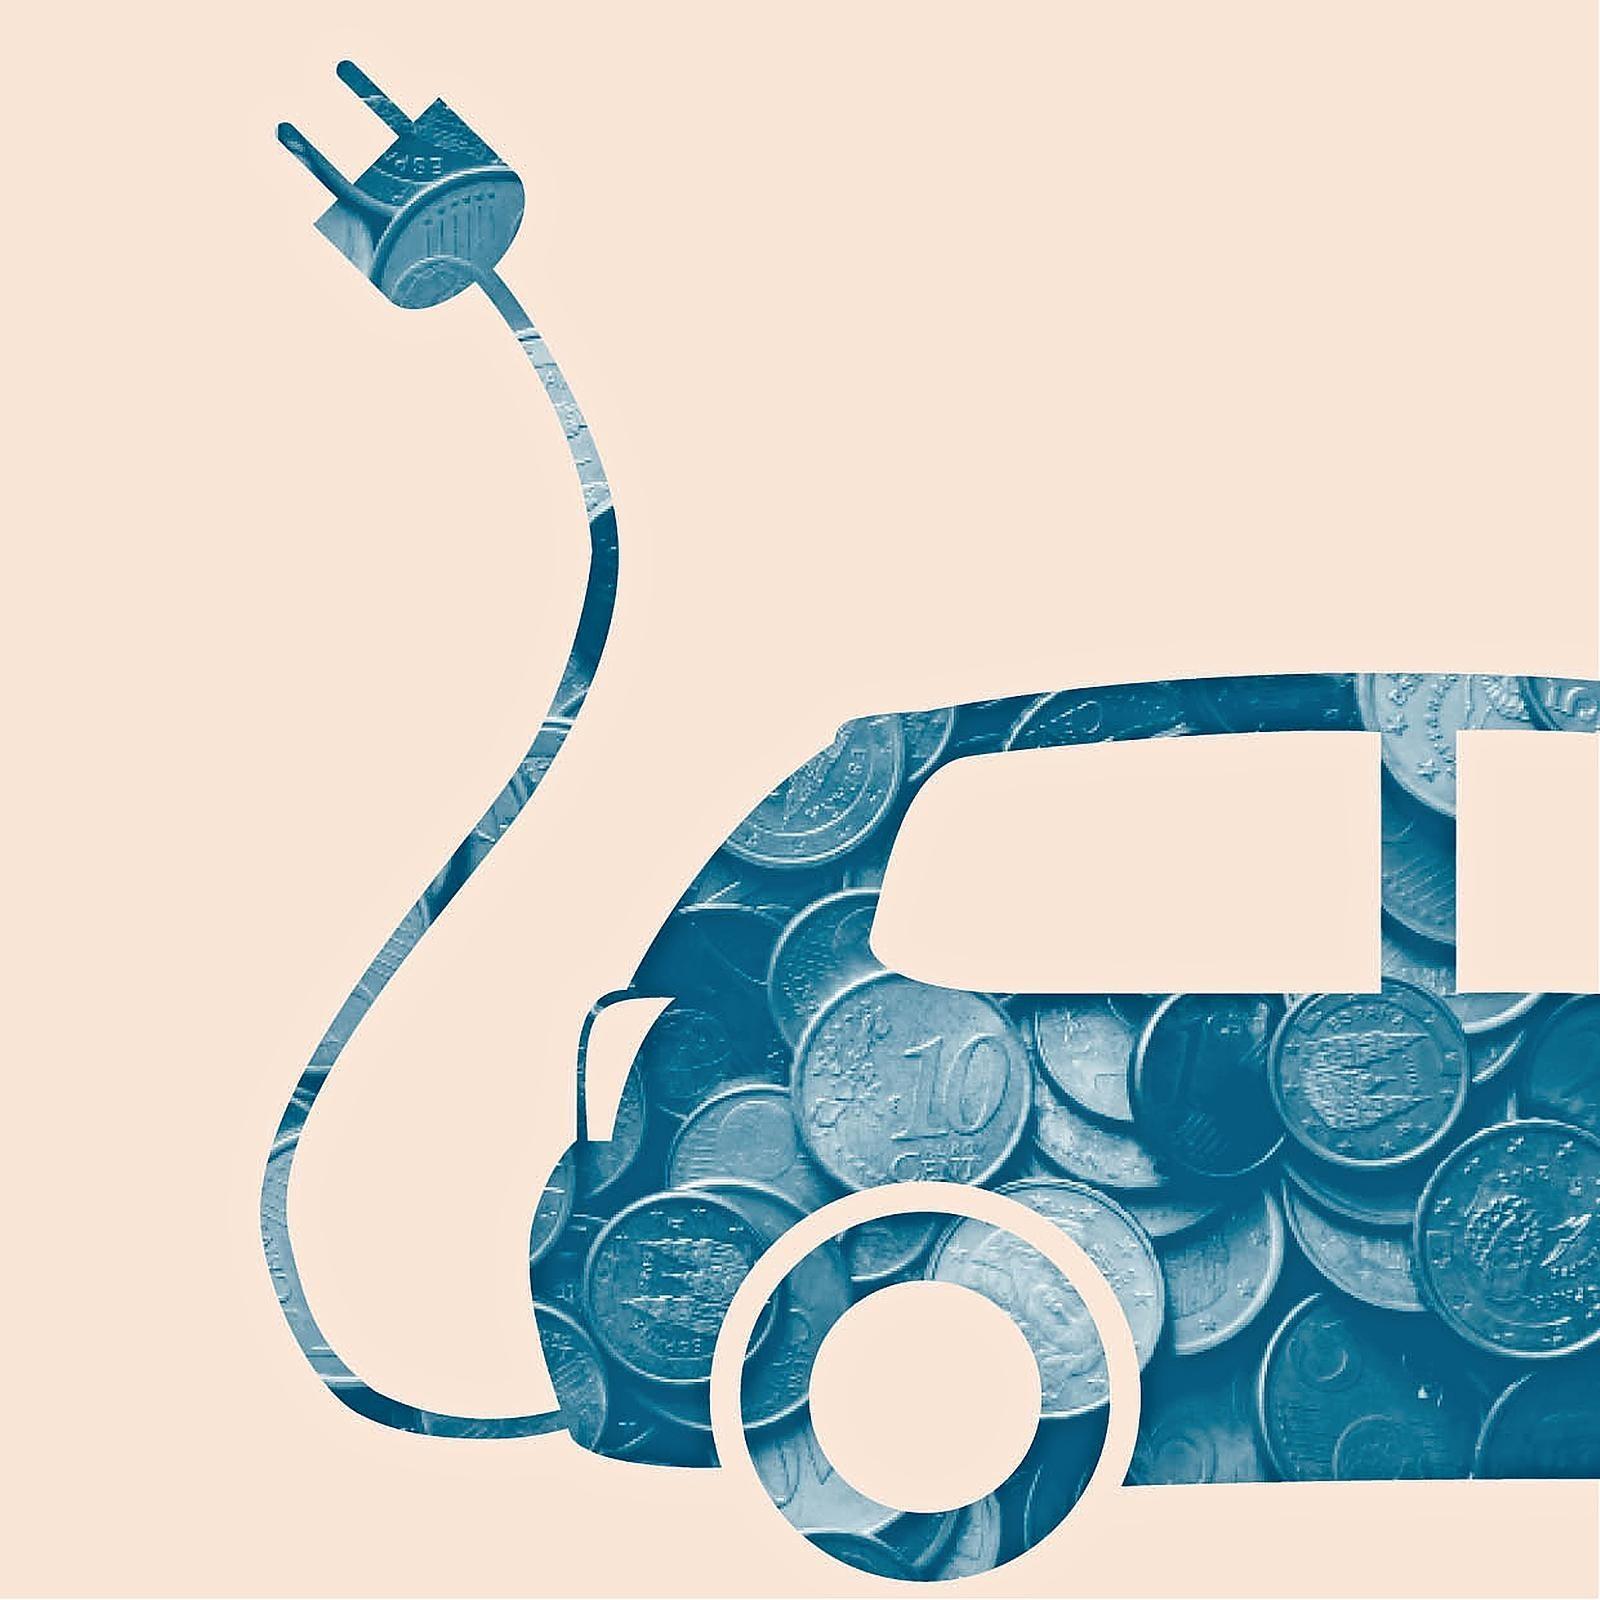 Elektrische Auto Massaal Geexporteerd